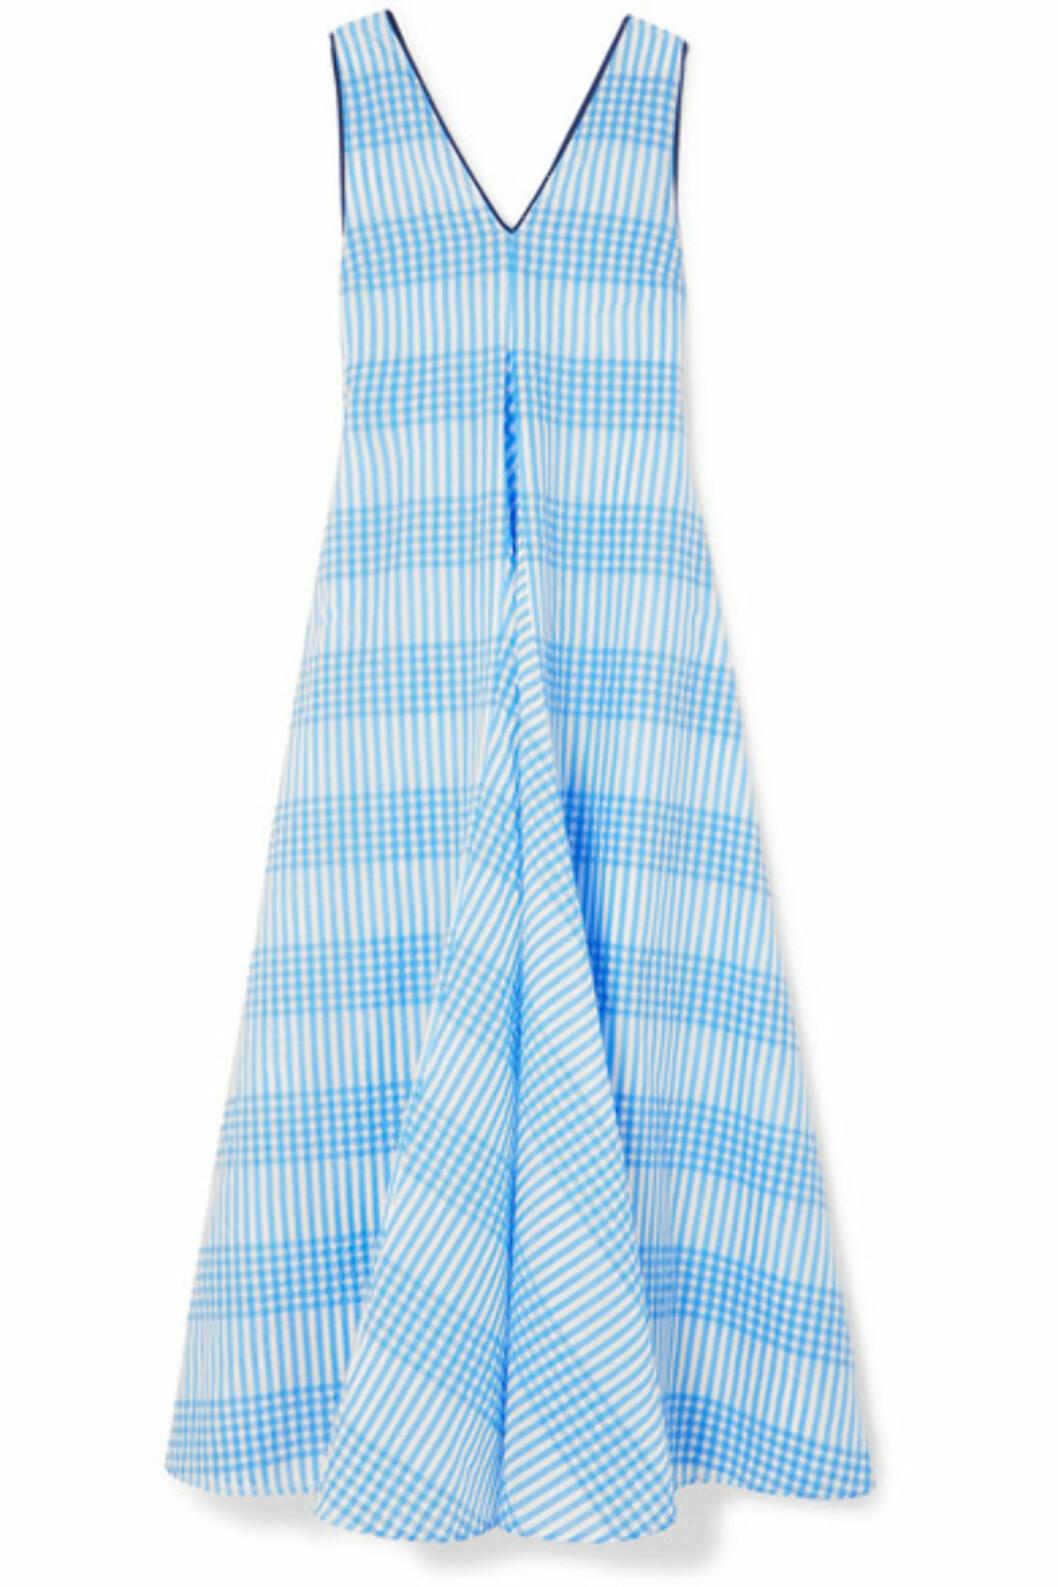 <strong>Kjole fra Ganni |2320,-| https:</strong>//www.net-a-porter.com/no/en/product/1029836/ganni/charron-checked-cotton-blend-seersucker-maxi-dress